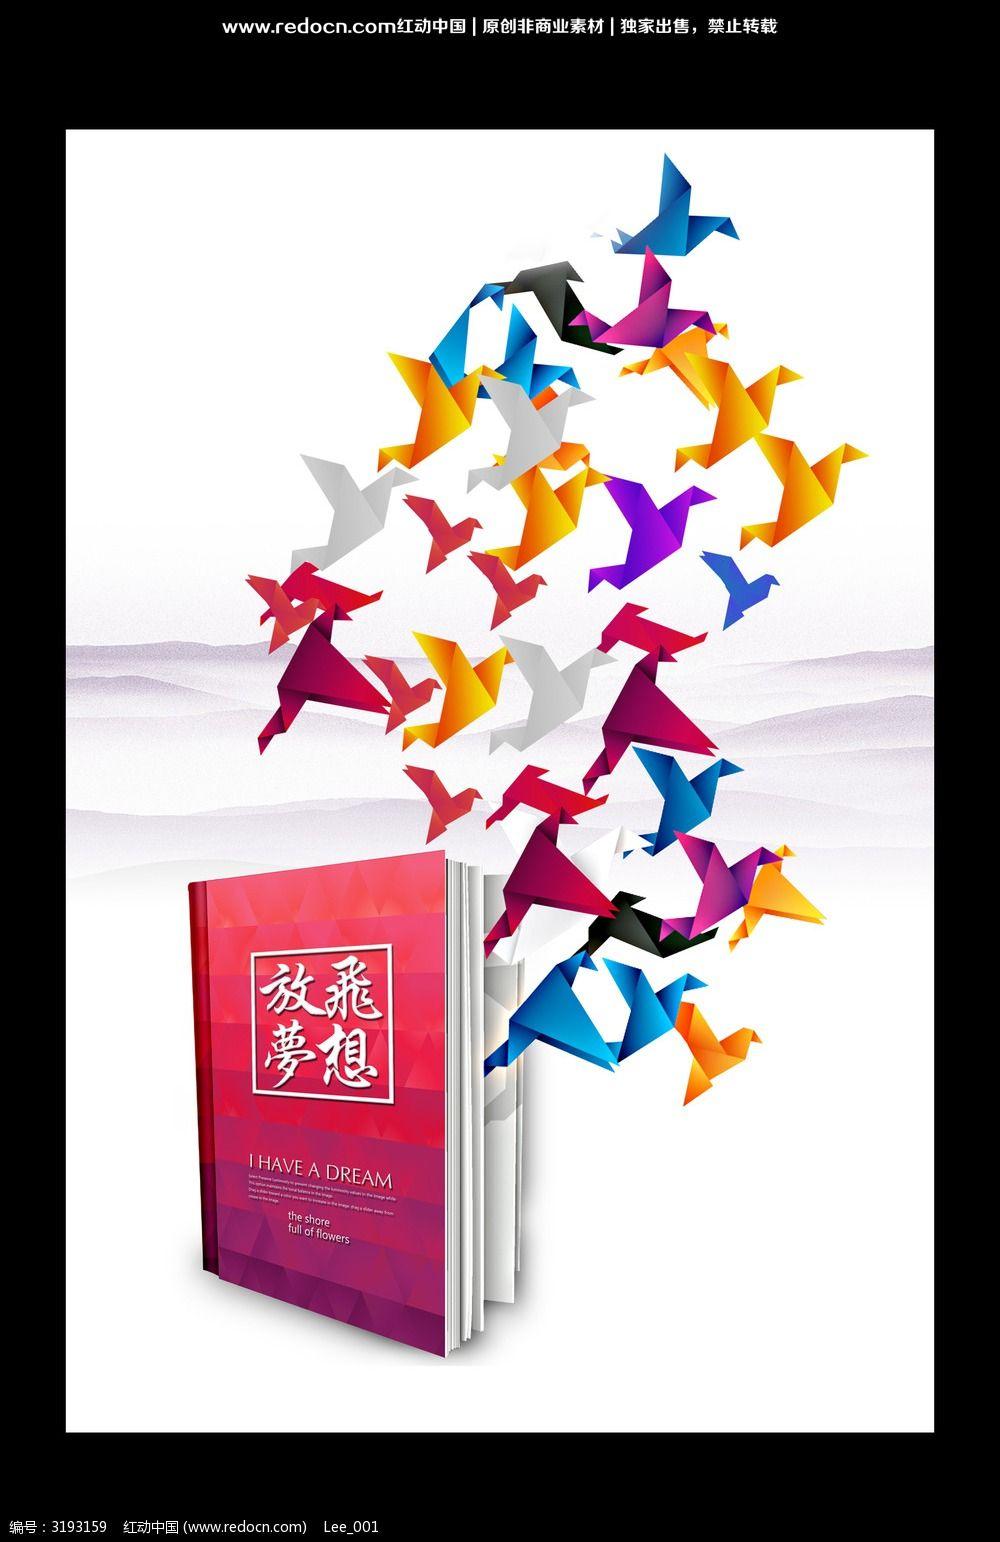 8款 放飞梦想创意海报设计图片